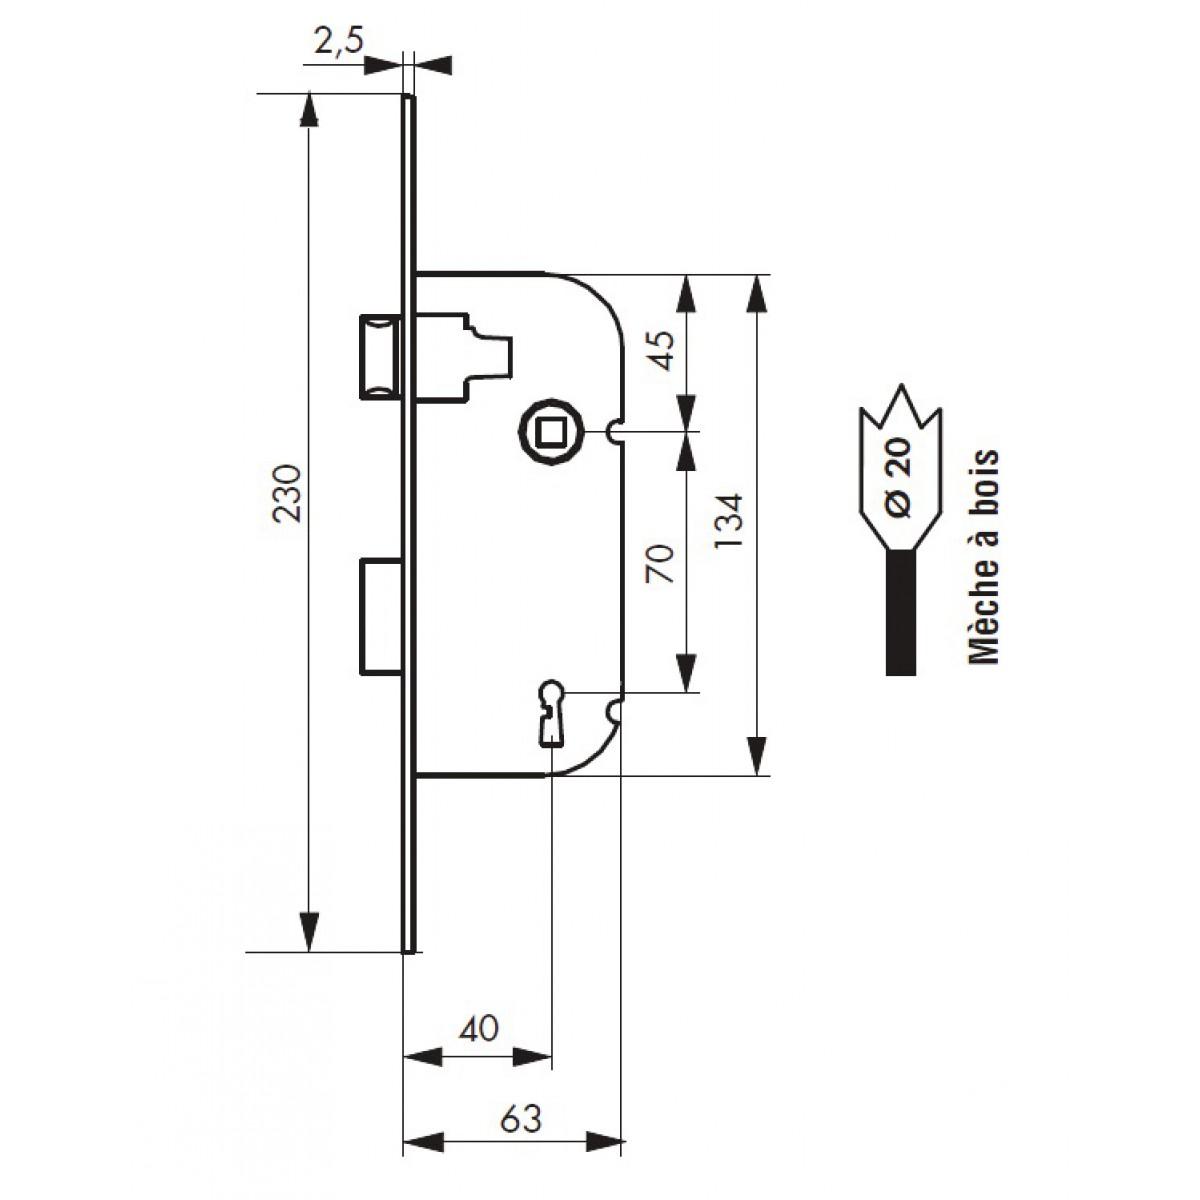 Serrure à larder réversible pêne 1/2 tour 1 clé PVM - Réversible - Bouts ronds - Entraxe 70 mm - l x h x p - 20 x 230 x 63 mm